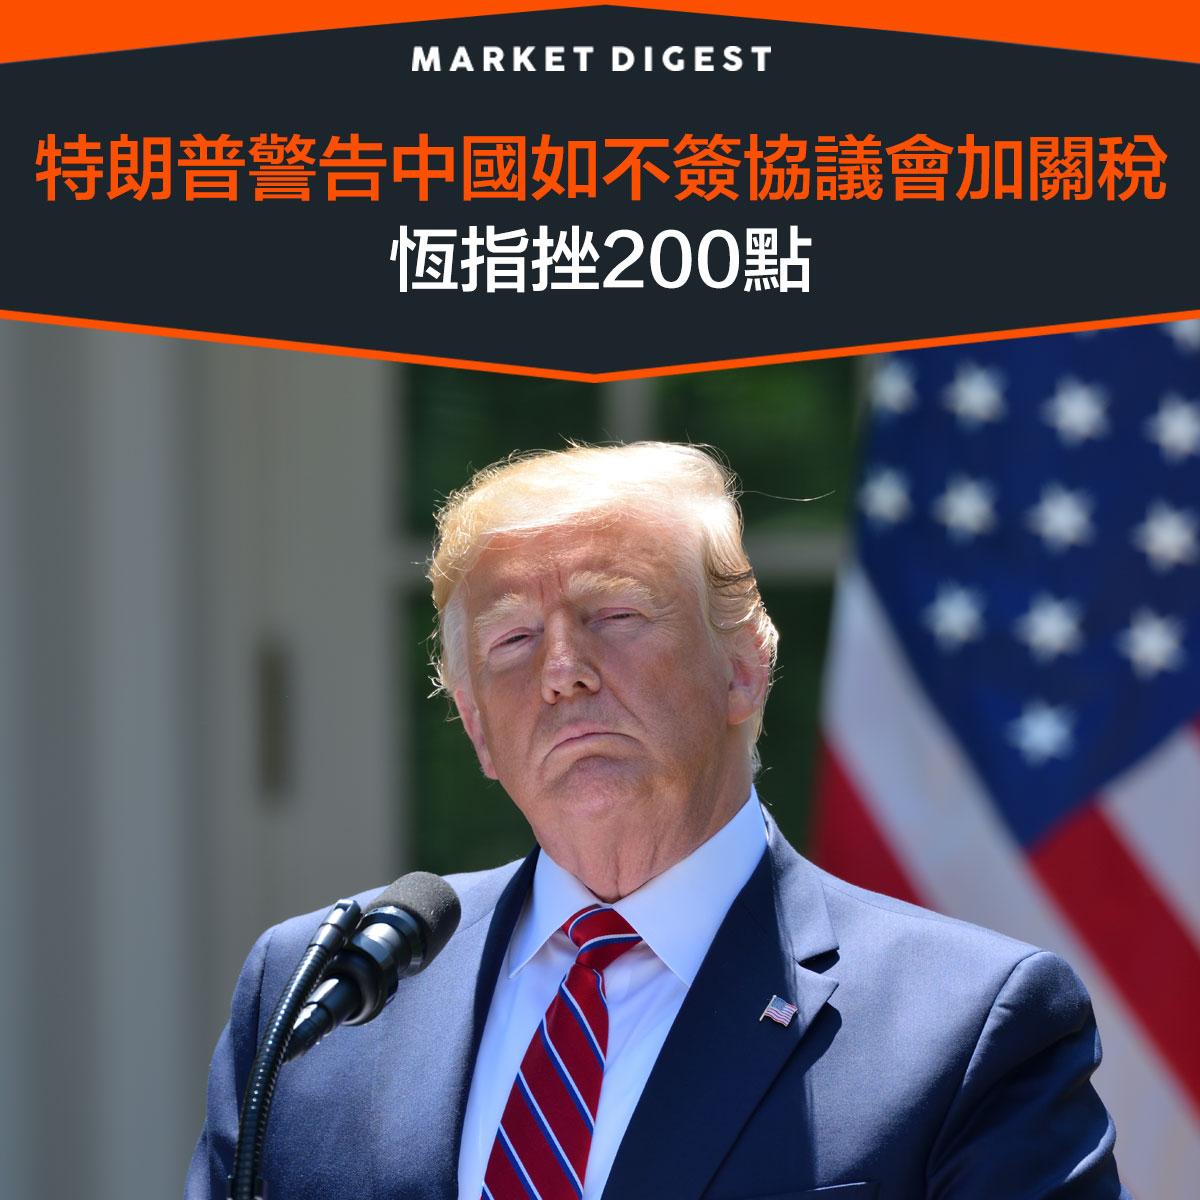 【中美貿易戰】特朗普警告中國如不簽協議會加關稅,恆指挫200點